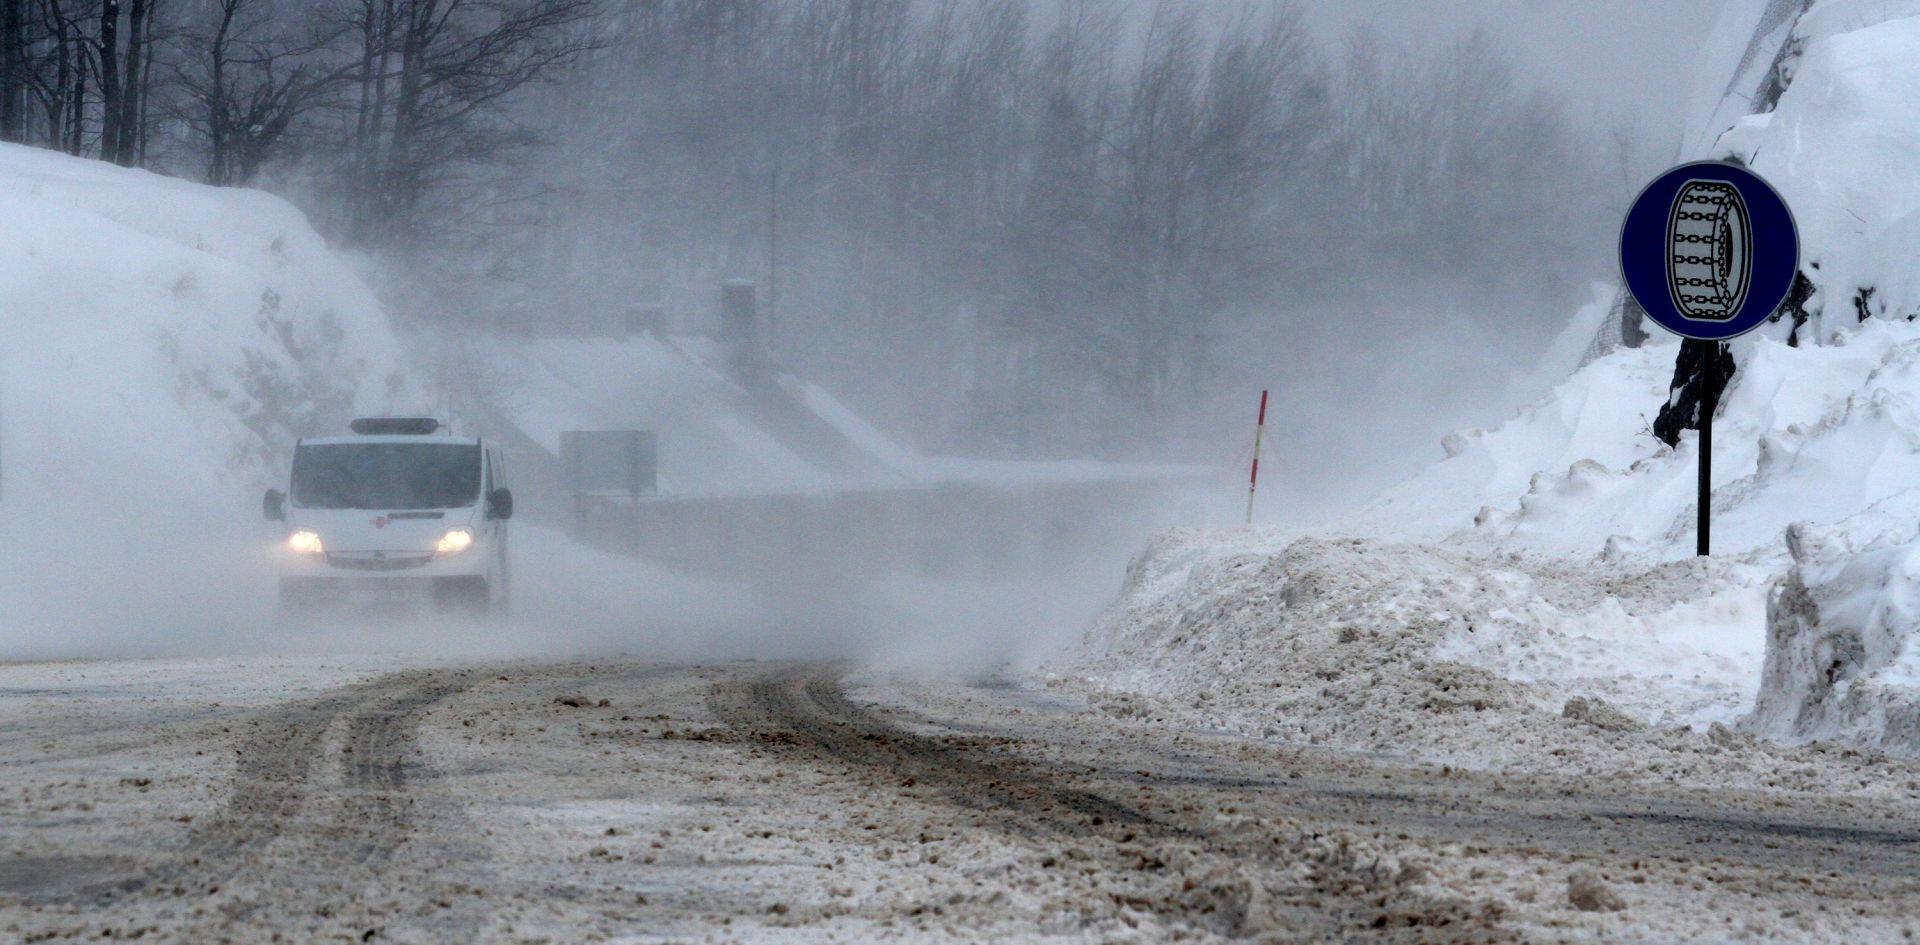 HAK Jak vjetar usporava promet, loši vremenski uvjeti na hrvatskim cestama